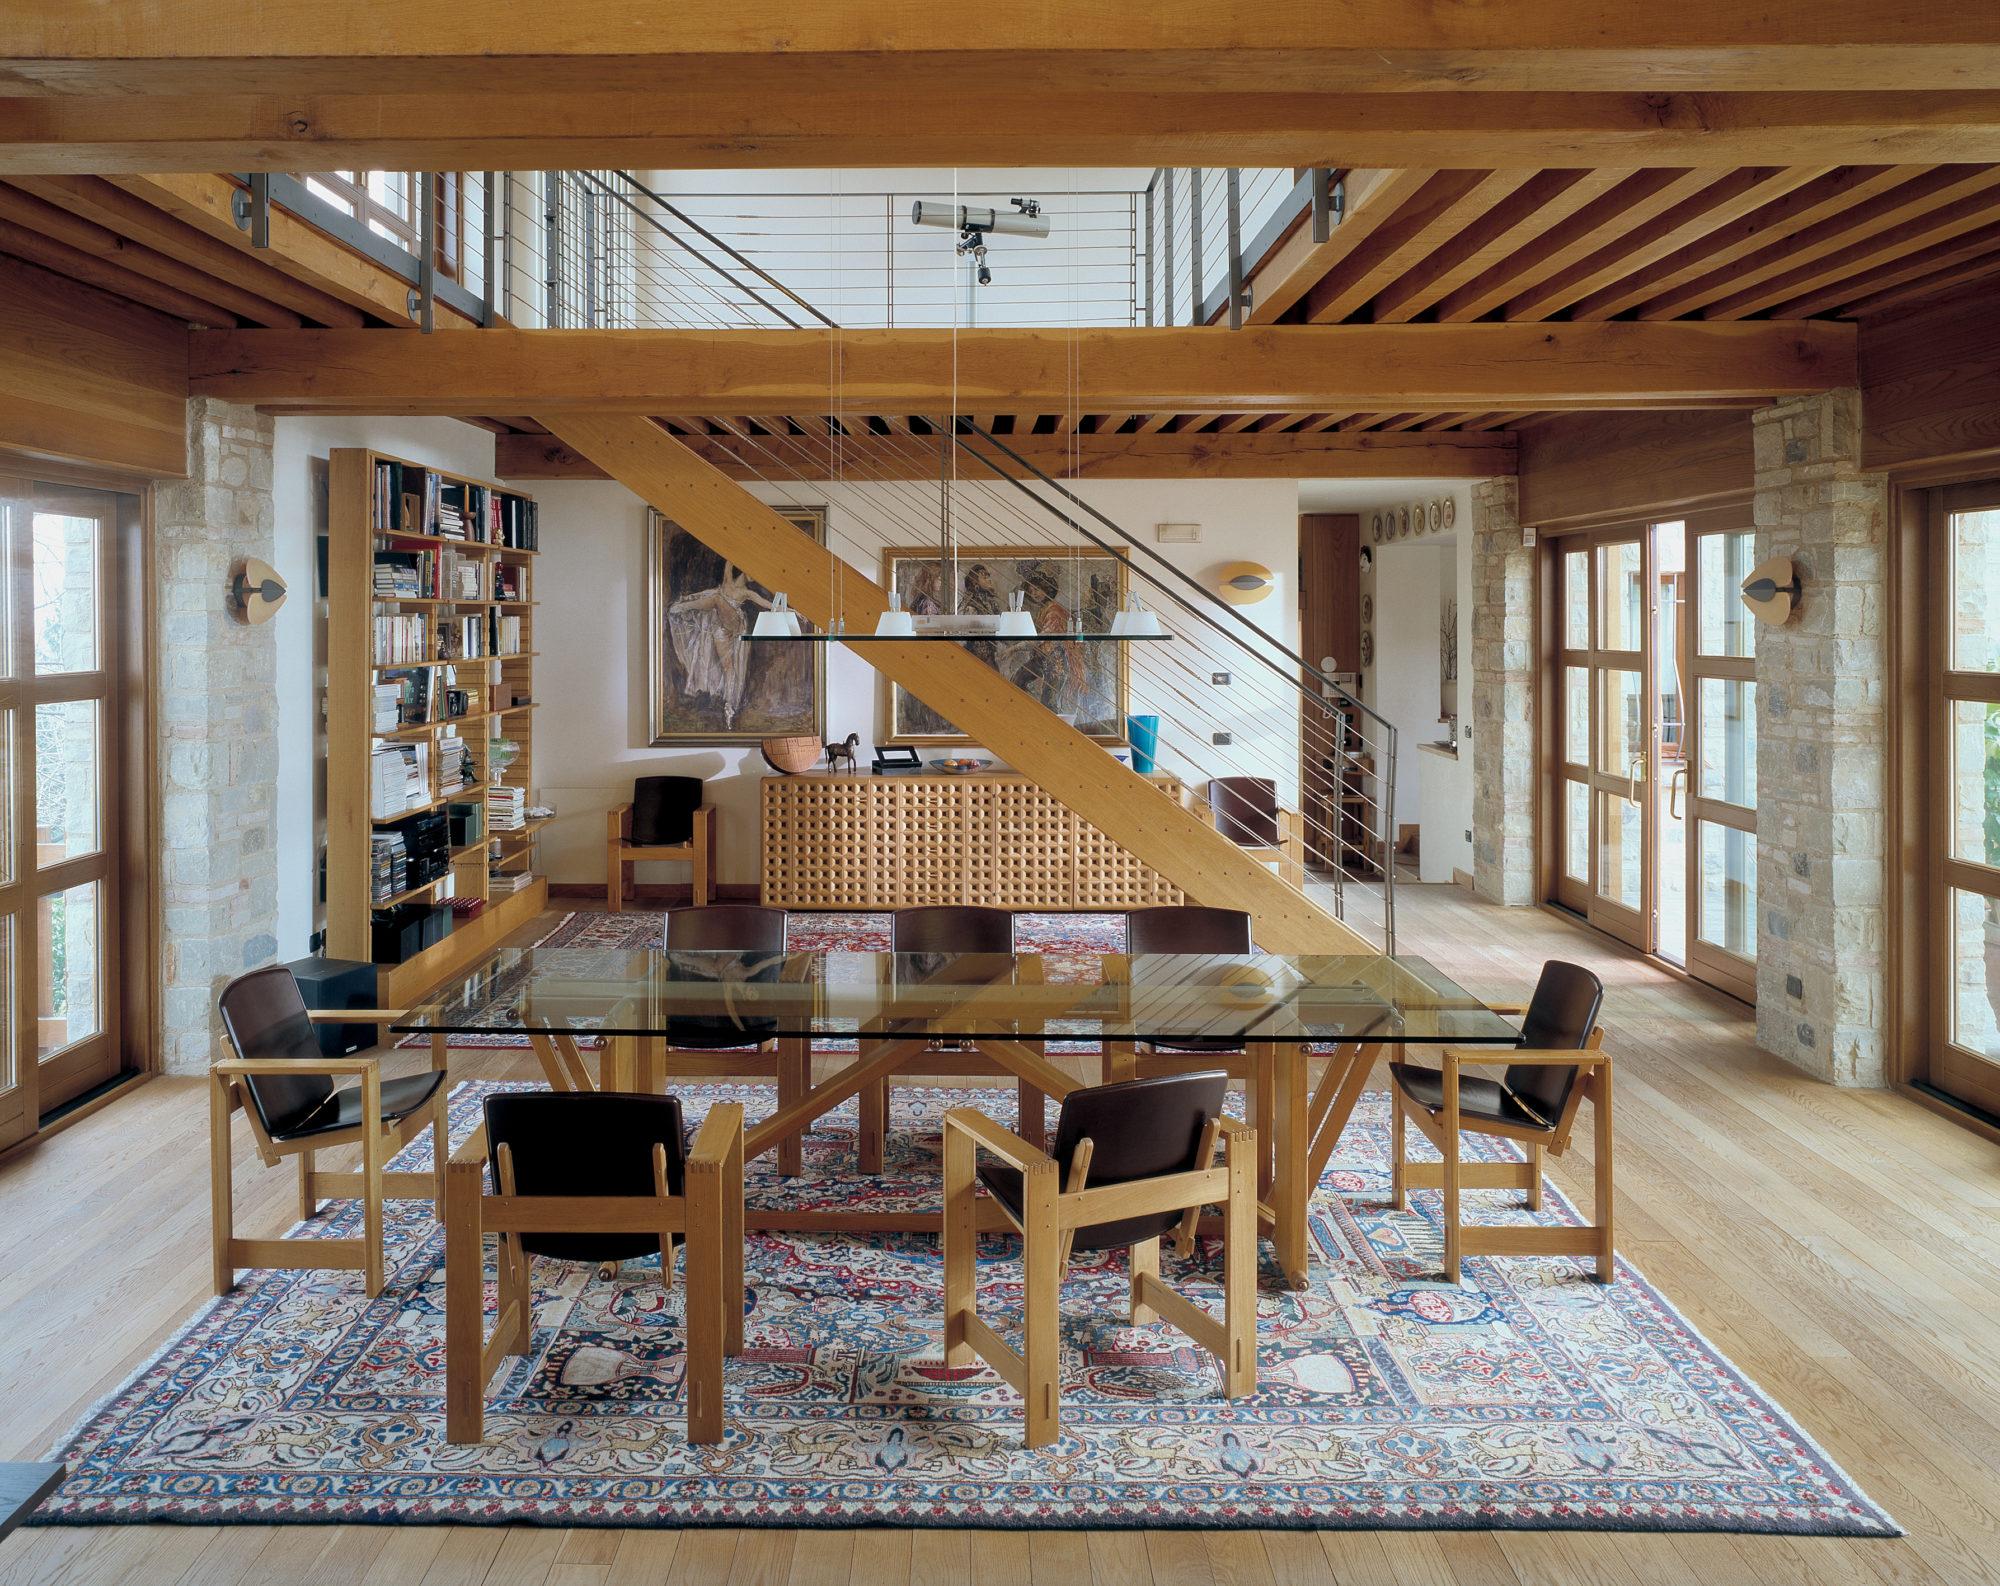 Arredamento di interni fotografo brescia ottavio tomasini for Arredamento architettura interni